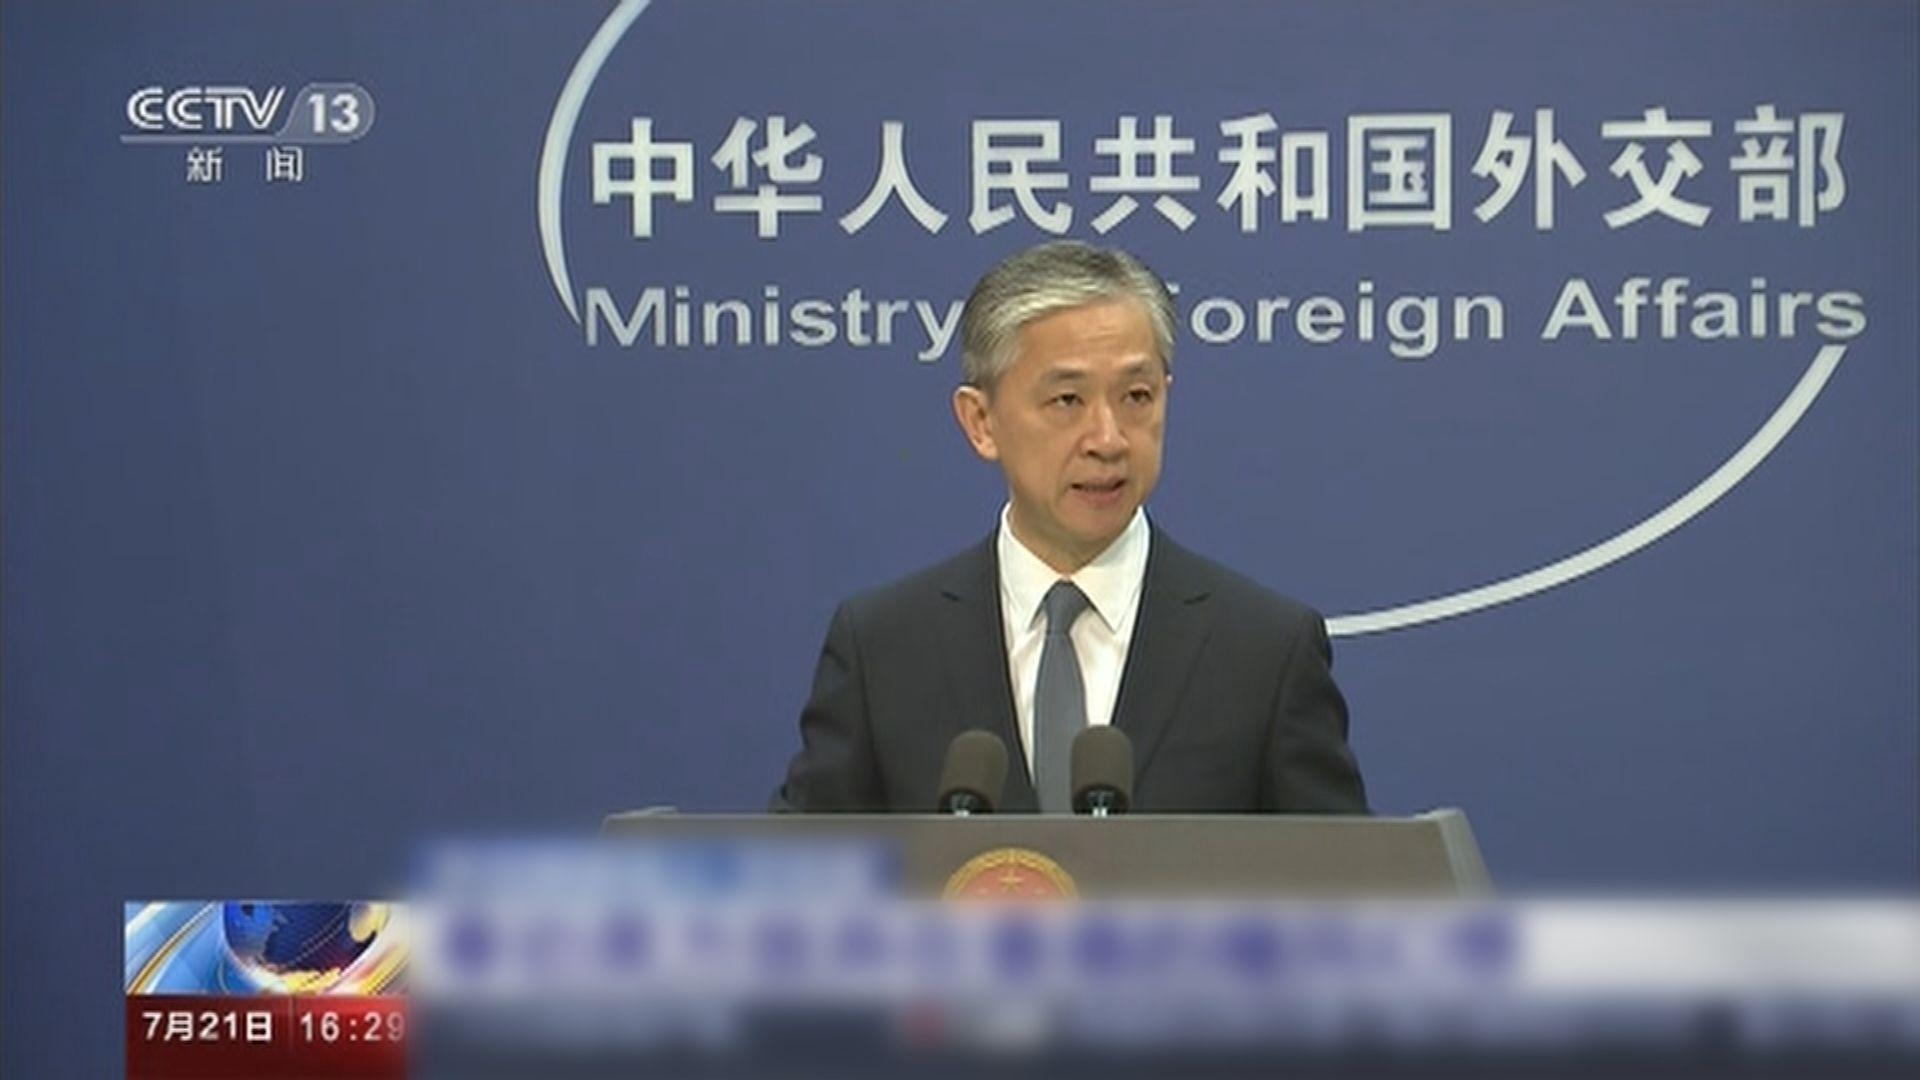 外交部敦促英國放棄在香港延續殖民影響的幻想